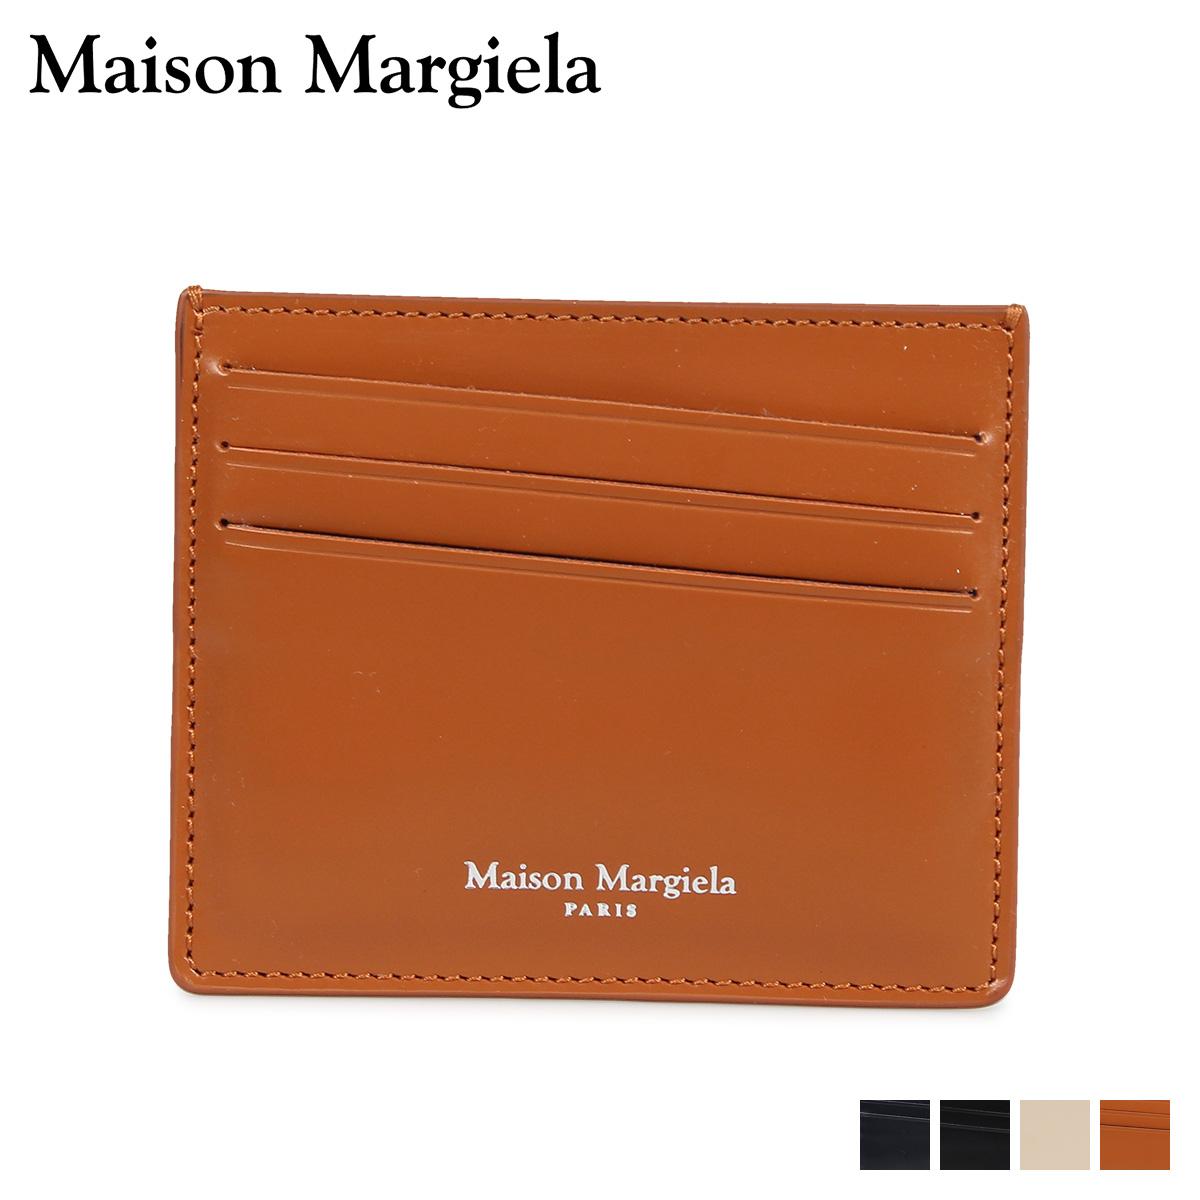 MAISON MARGIELA CARD CASE メゾンマルジェラ カードケース 名刺入れ 定期入れ メンズ レディース レザー ブラック ダーク ネイビー ベージュ ブラウン 黒 S35UI0432 P2714